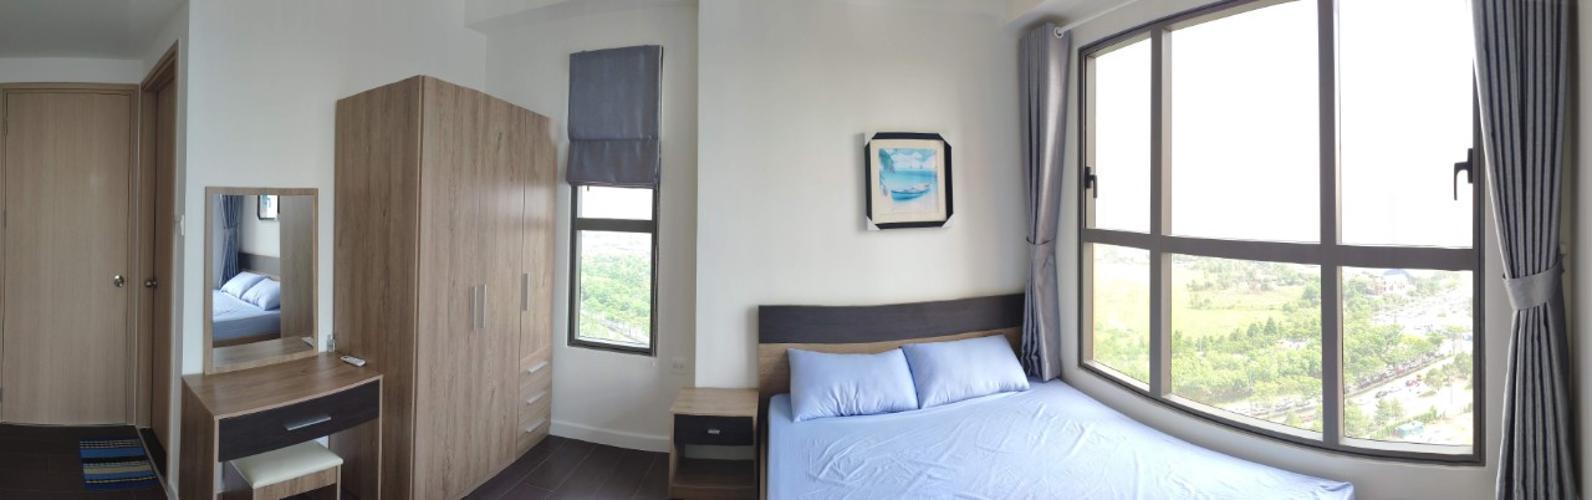 phòng ngủ căn hộ The Sun Avenue Căn hộ tầng 15 The Sun Avenue nội thất đầy đủ, cửa chính hướng Tây Nam